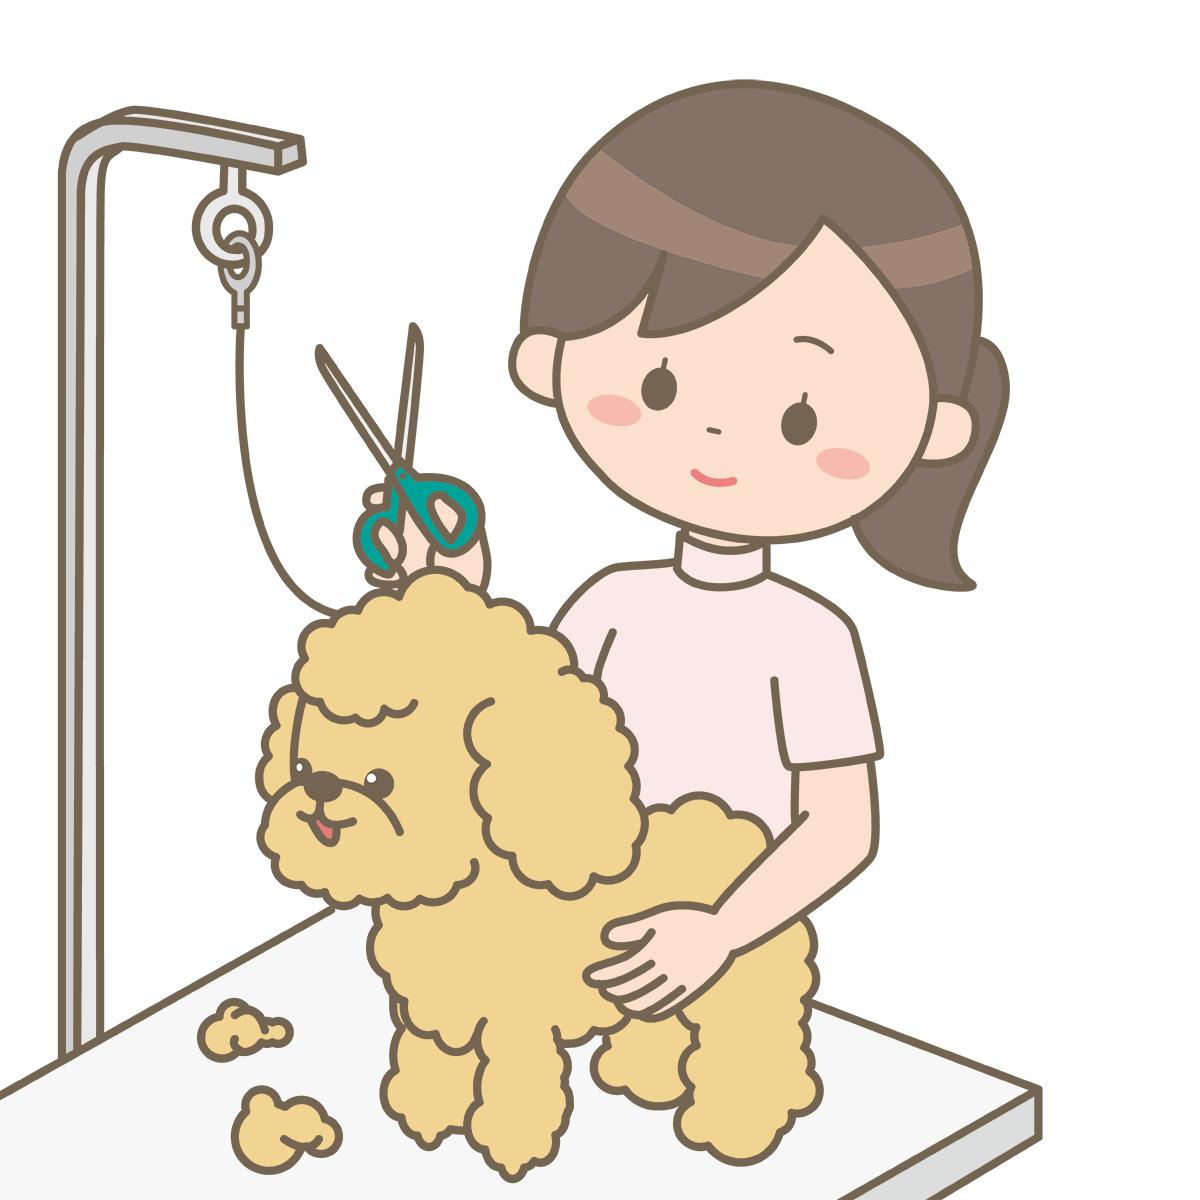 動物看護師がはさみで犬の毛を刈っているイラストフリー素材看護